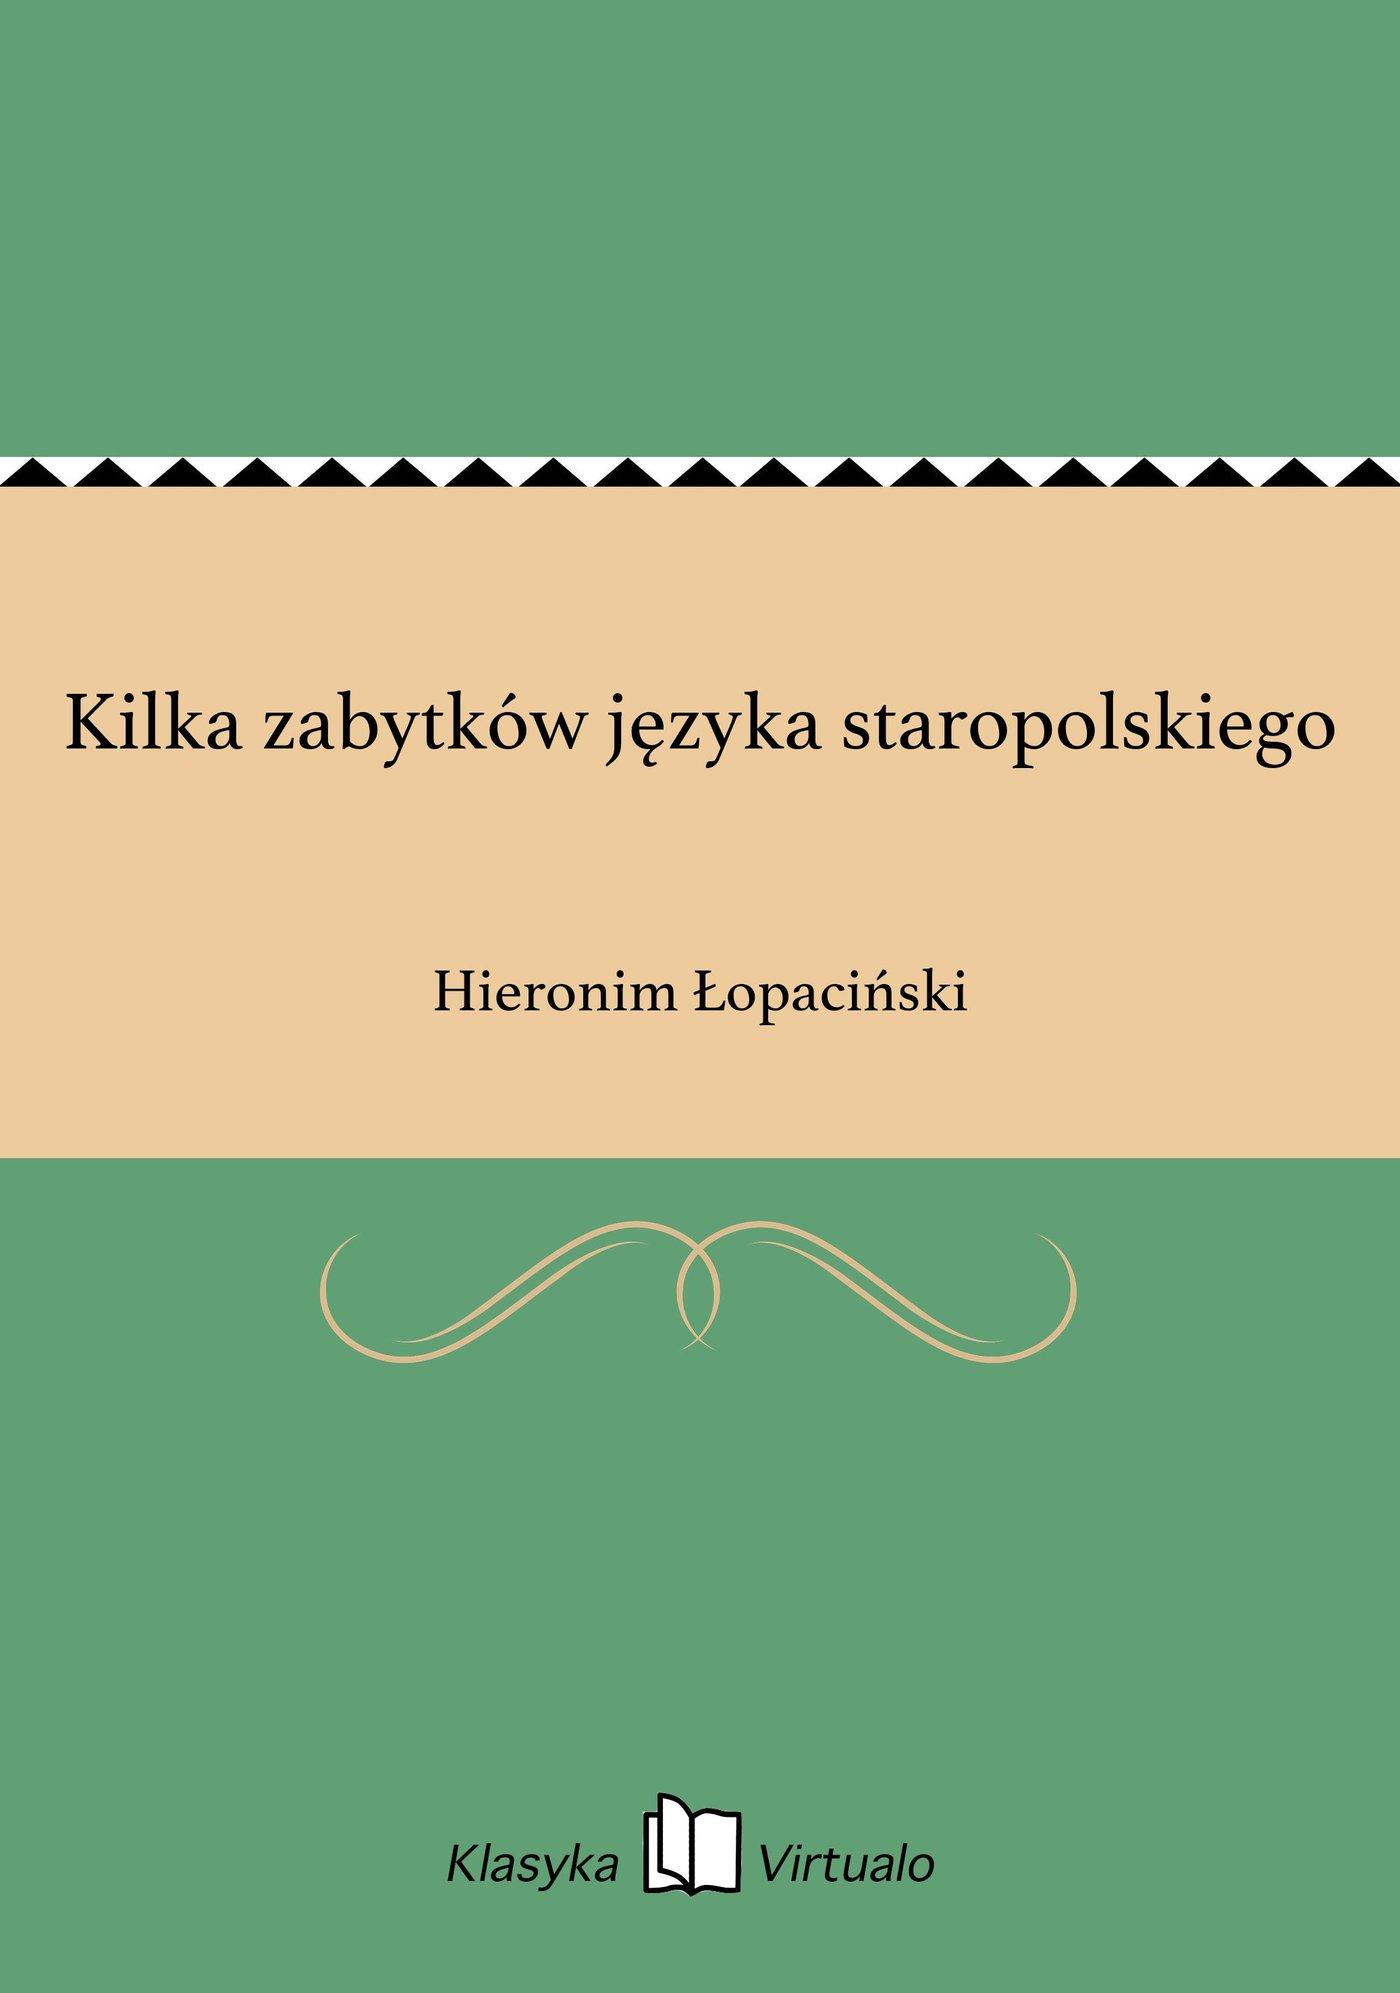 Kilka zabytków języka staropolskiego - Ebook (Książka EPUB) do pobrania w formacie EPUB